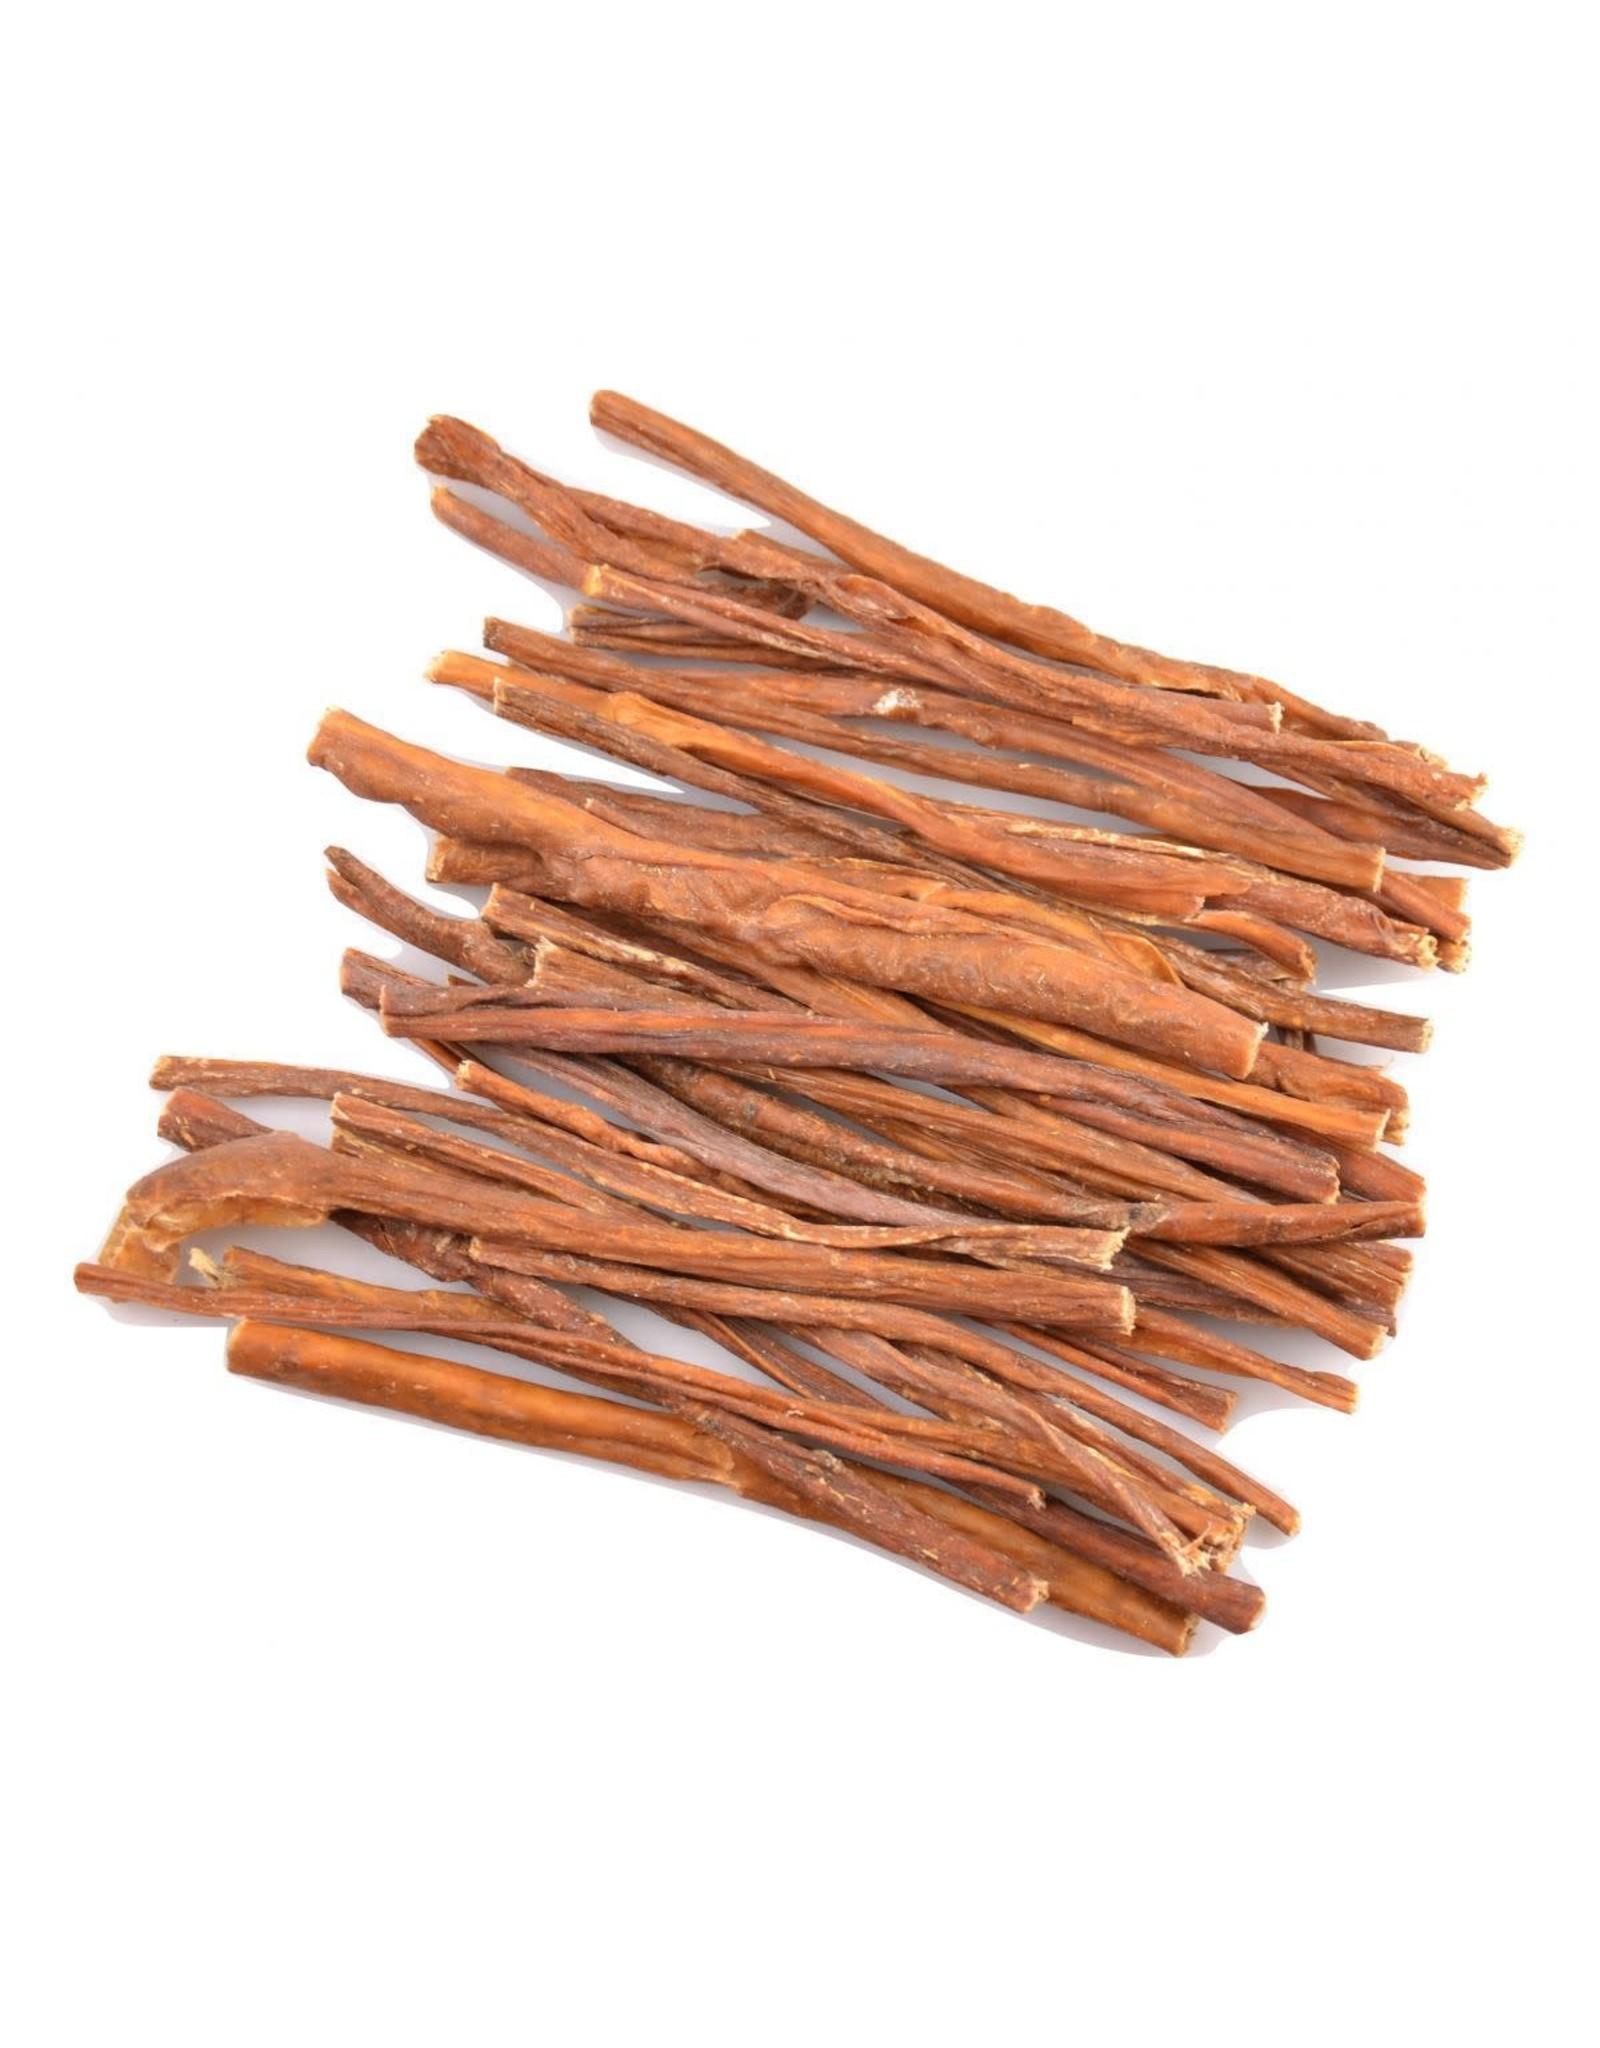 Schapendarm Sticks